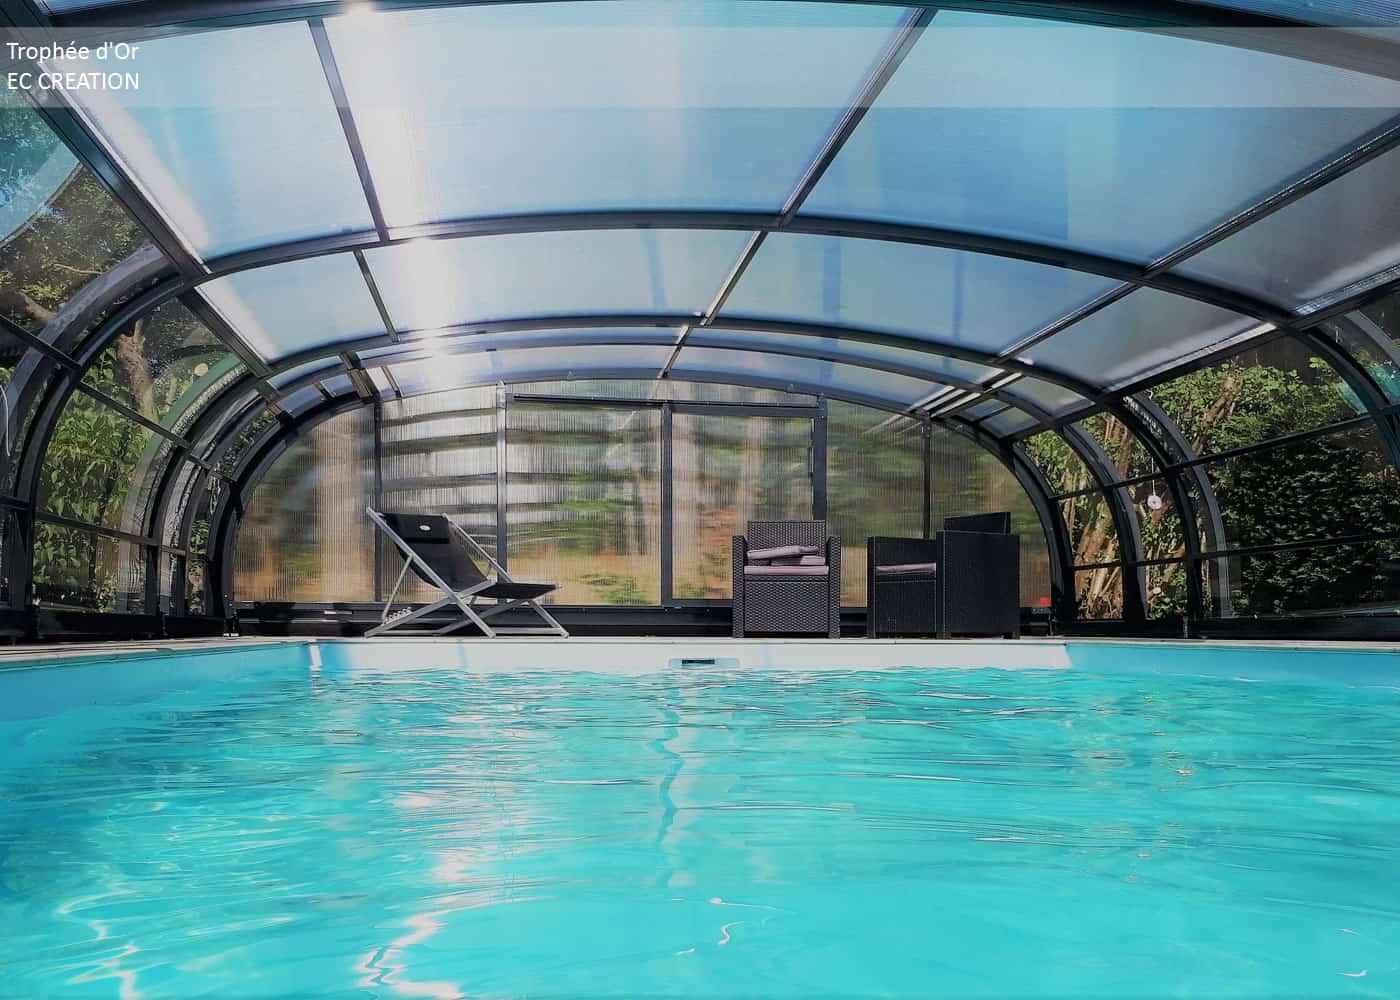 Équipement des piscines : les abris fabriqués en France ont le vent en poupe !